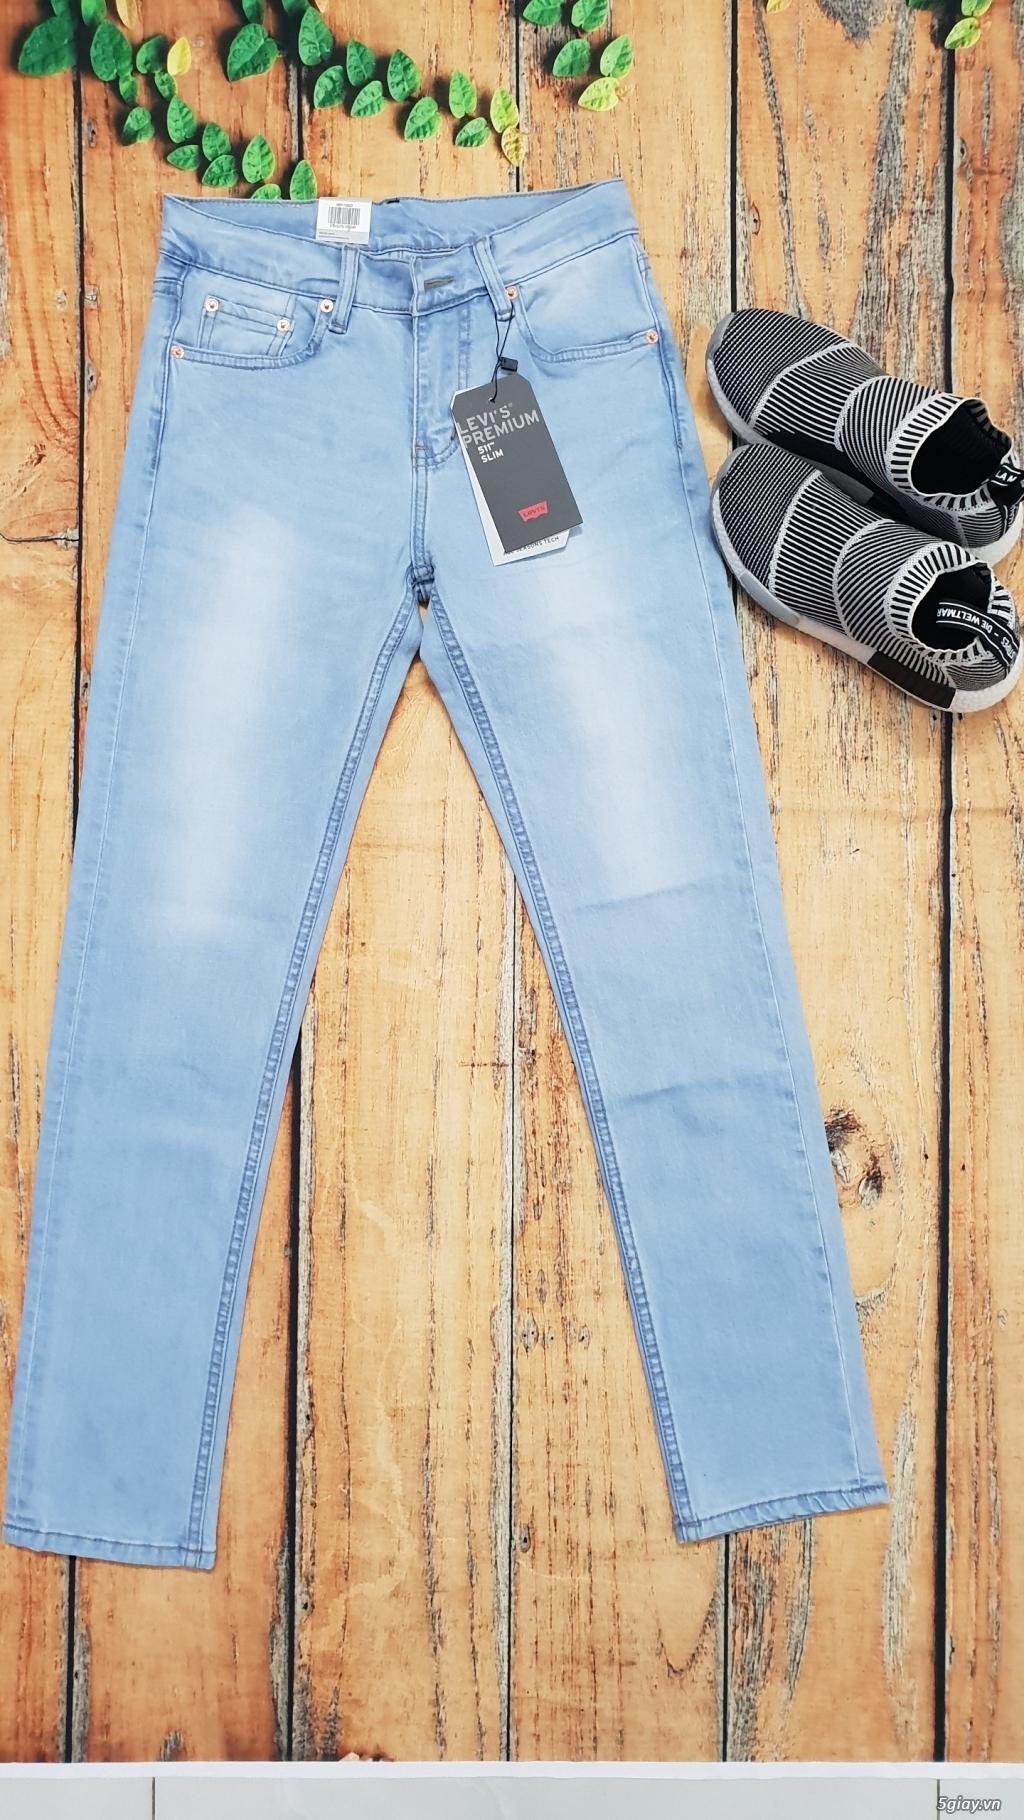 Chuyên bán quần jeans Nam Levi's 511 dáng xuông đủ màu đủ size - 8